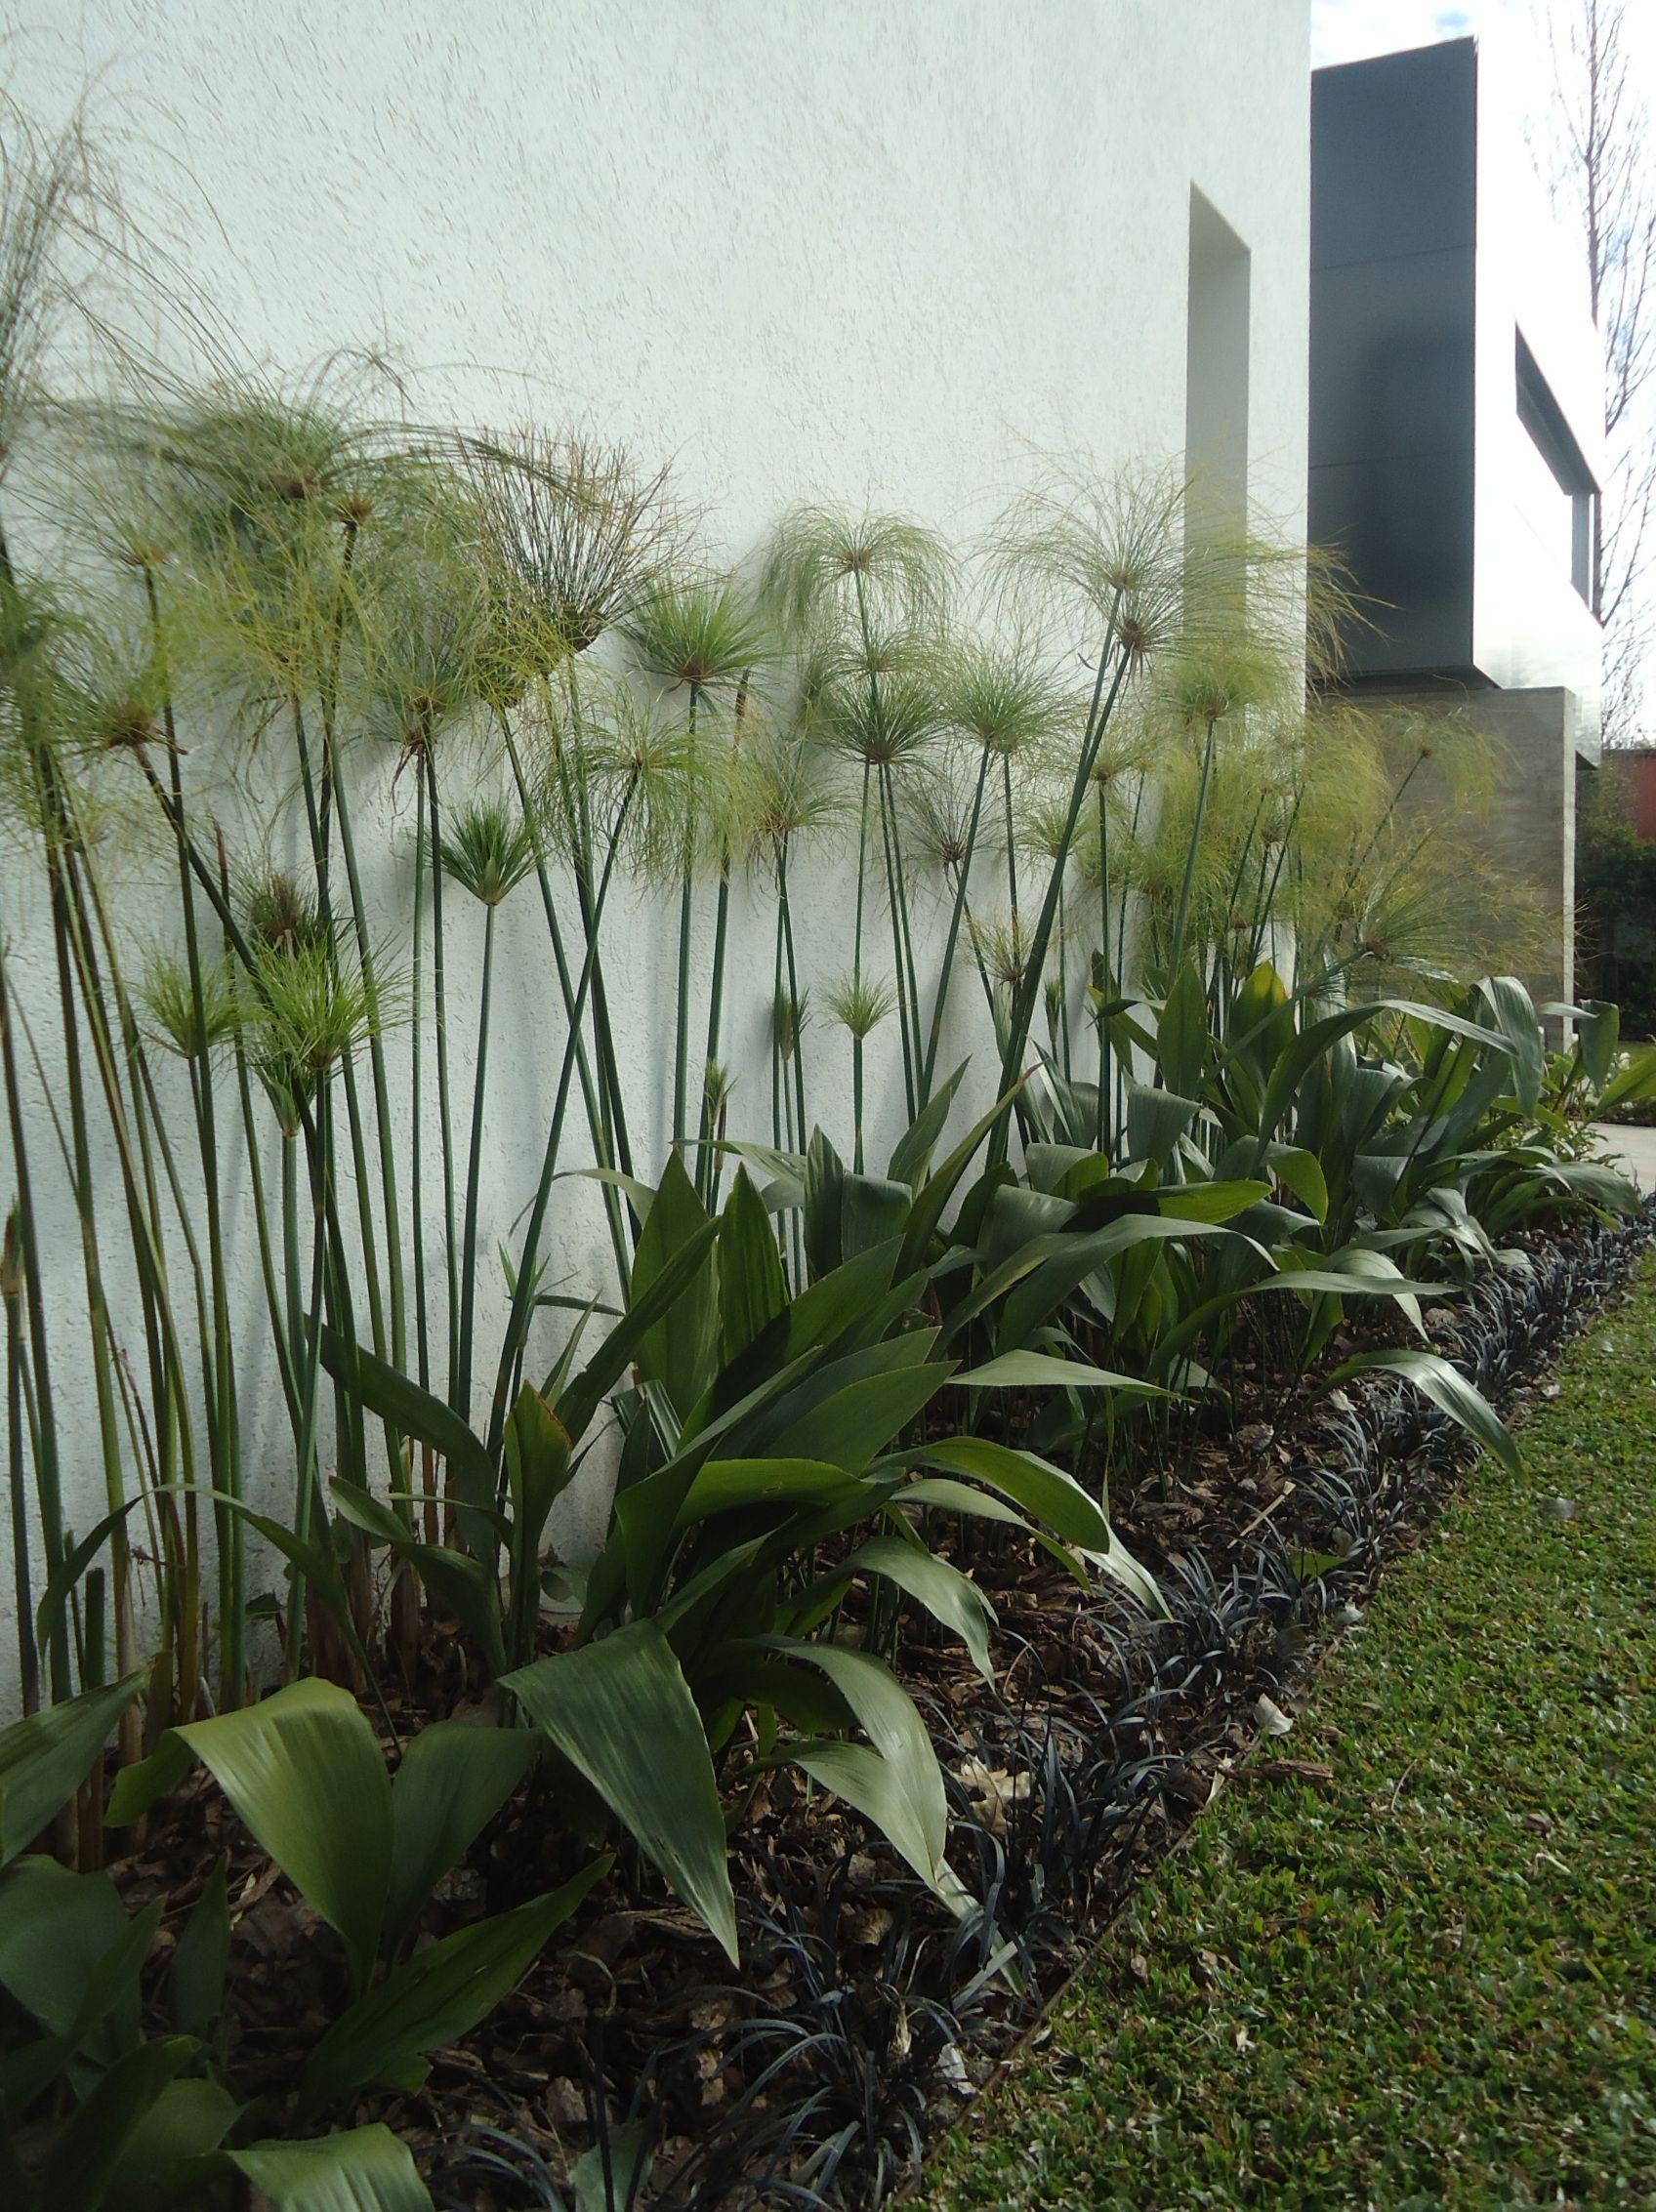 Oda al verde altamira 68 detalle jardin de entrada - Entradas de jardines ...